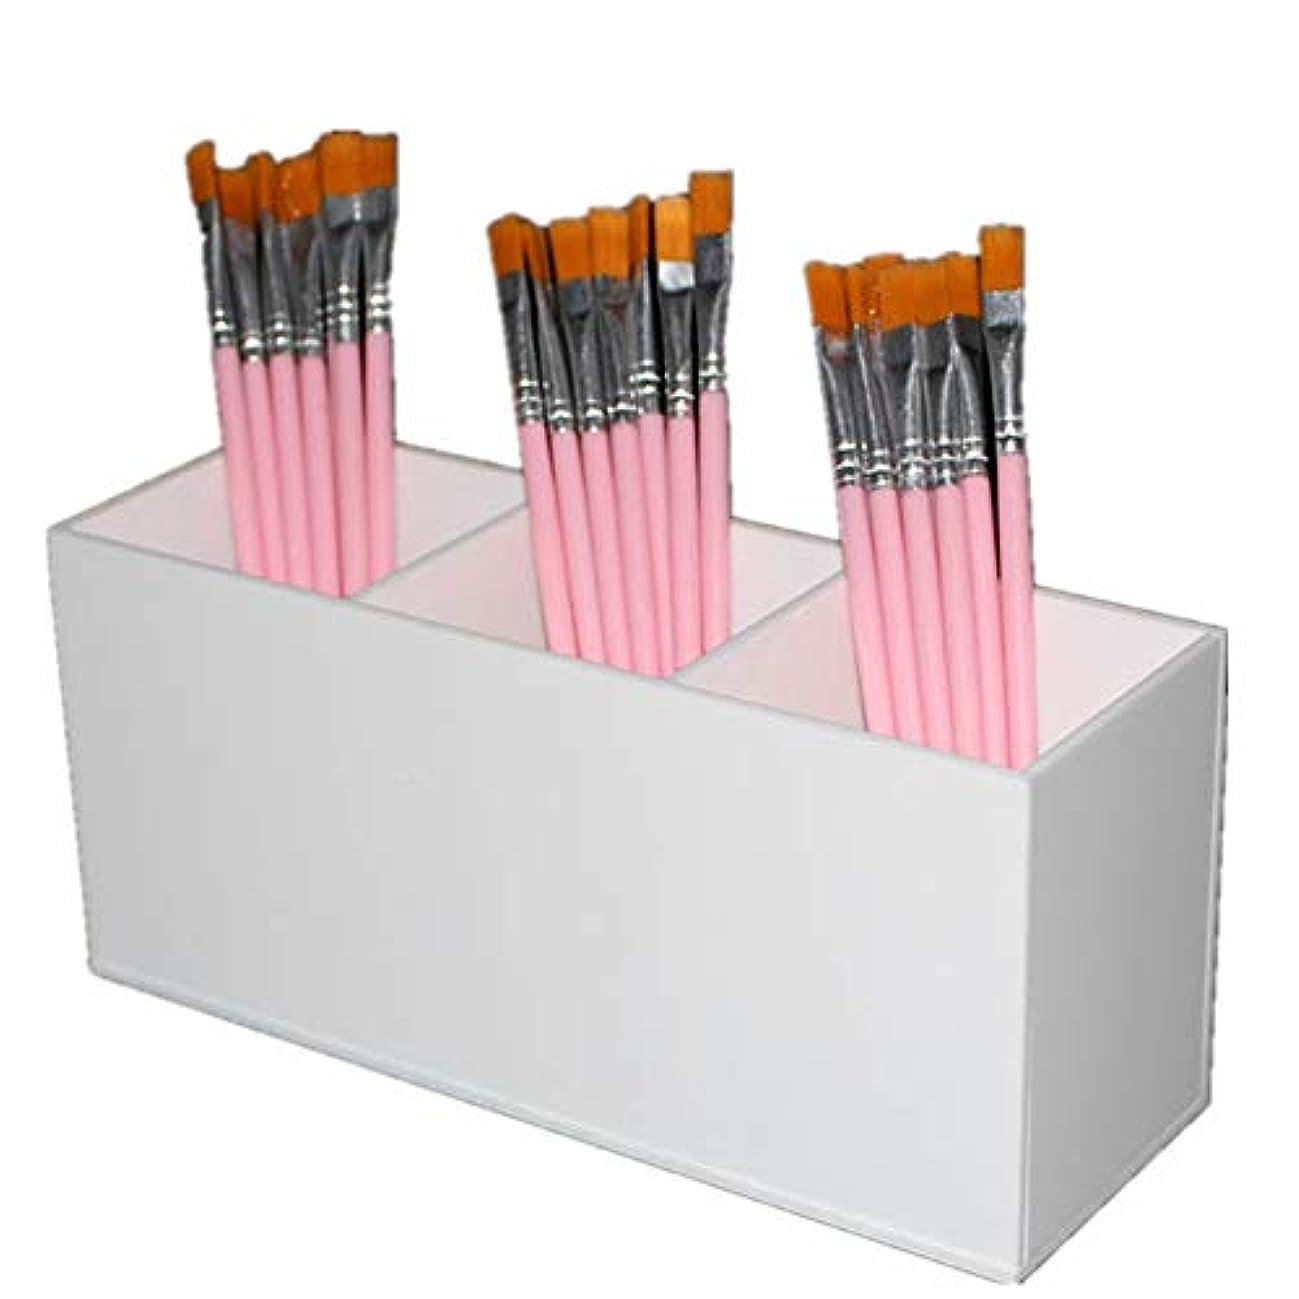 たくさんテーマ量整理簡単 シンプルな化粧オーガナイザーブラシホルダーホワイトアクリル散りばめたデザイン化粧オーガナイザー (Color : White, Size : 20*6.5*9CM)